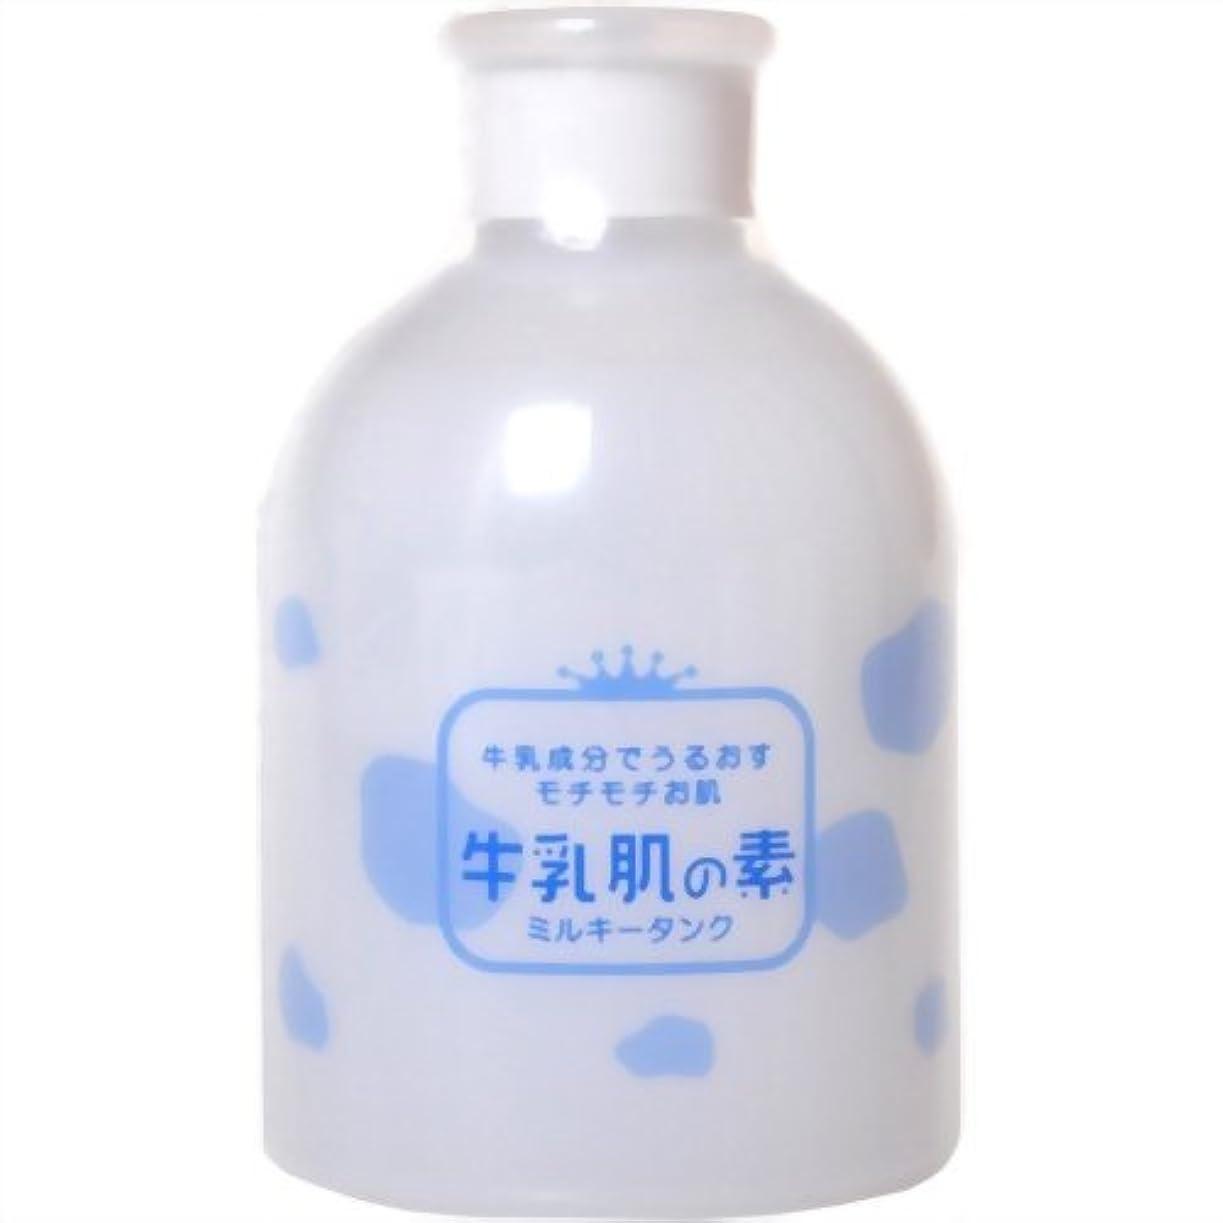 蓄積する学習者レスリング牛乳肌の素 ミルキータンク(化粧水) 300ml